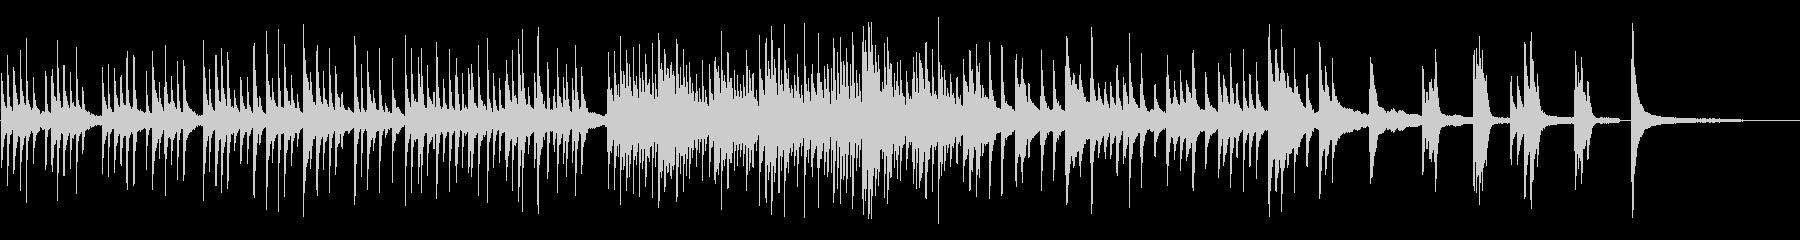 企業向キラキラピアノソロで透明感動的の未再生の波形